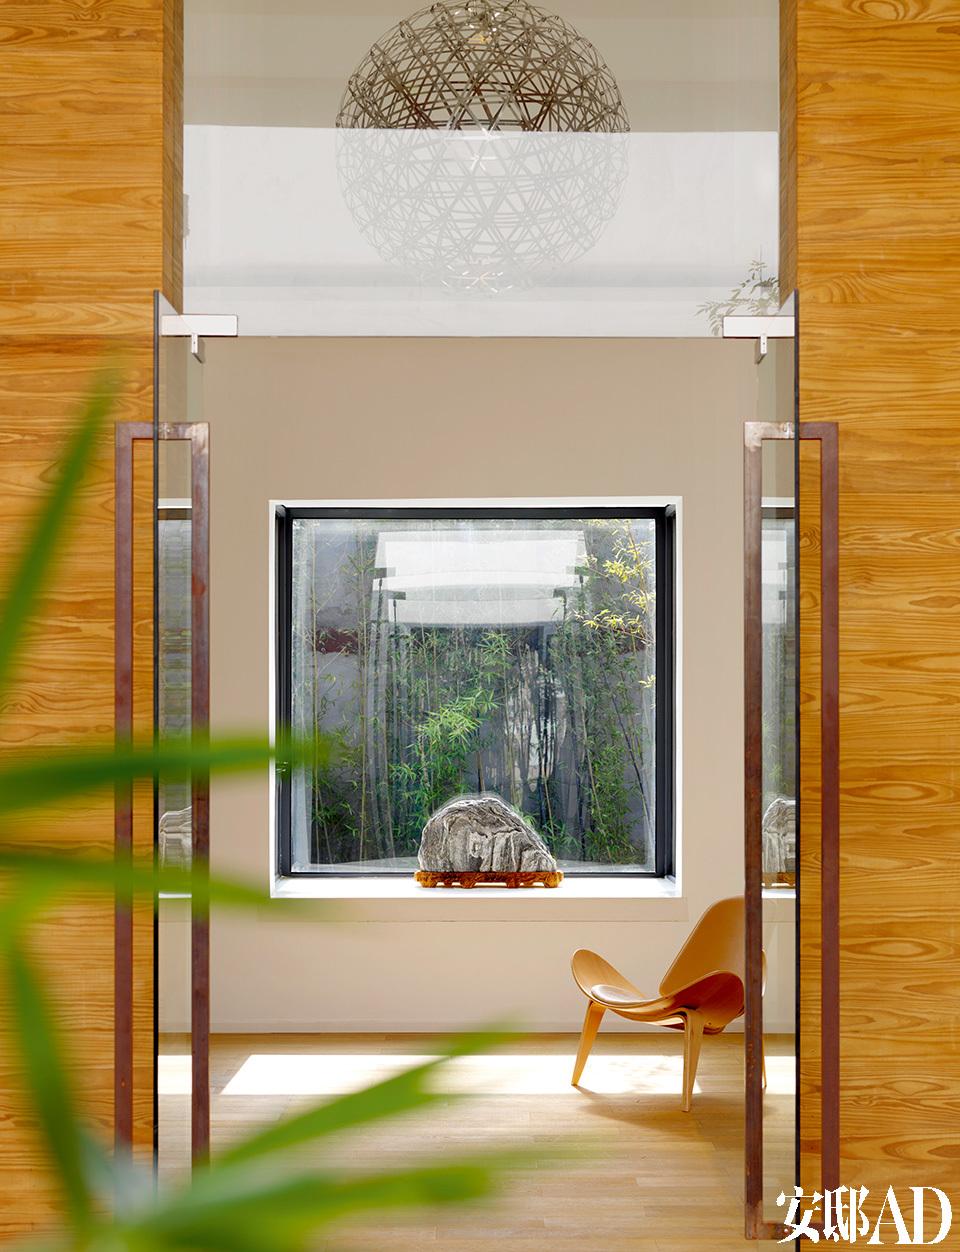 整个工作室的门厅充满了东方韵味,窗外几竿翠竹更是带来无限诗意与生机。